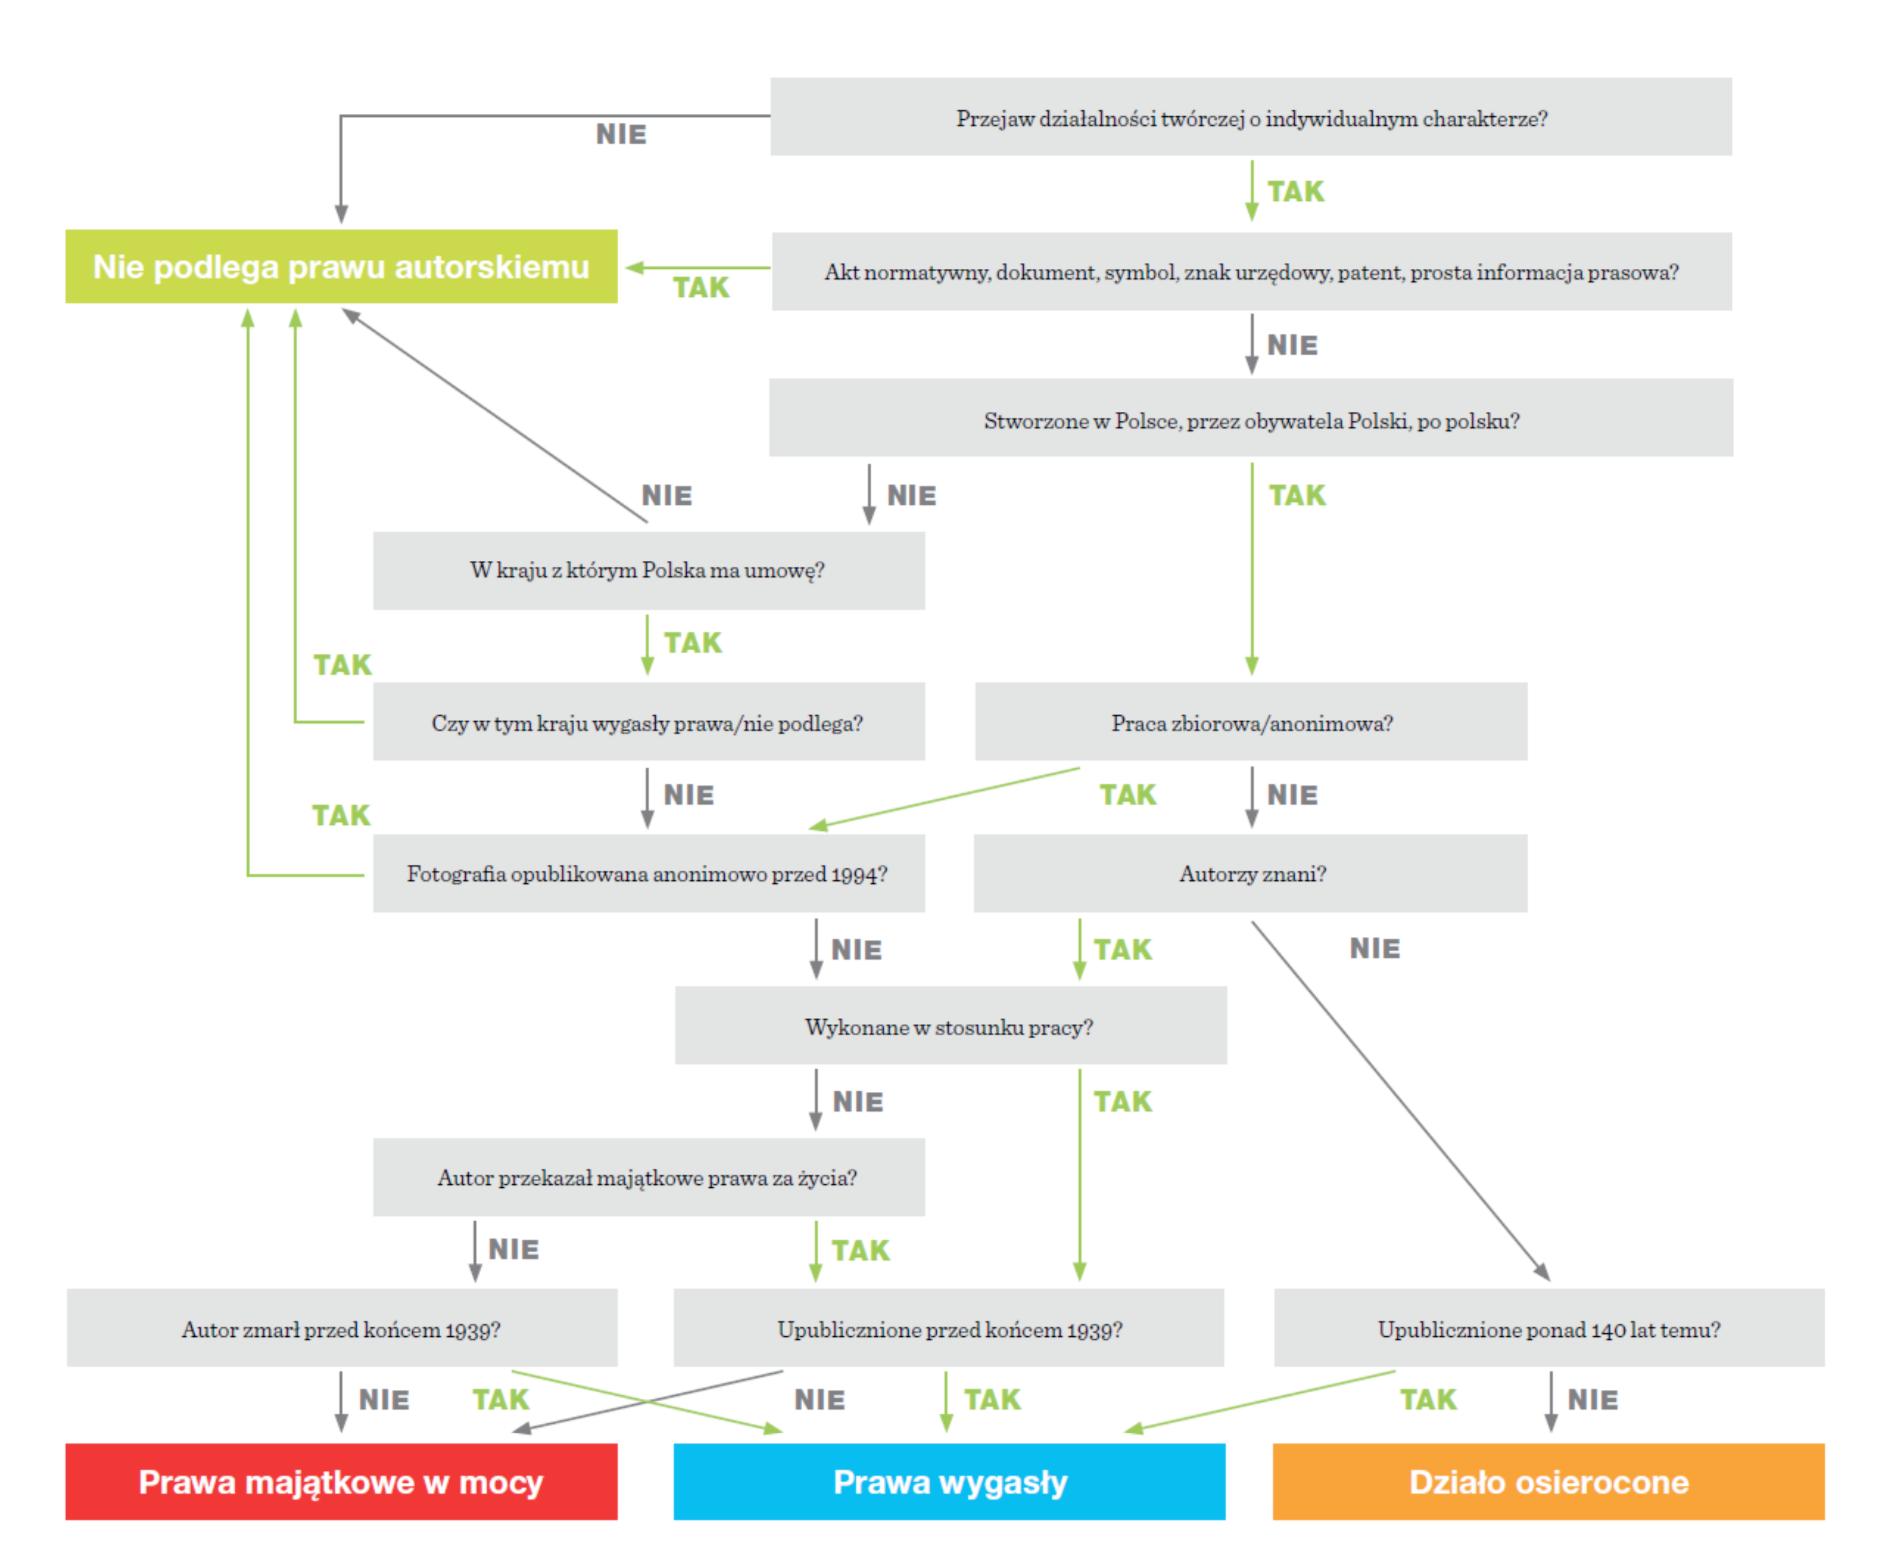 diagram przedstawiający różne możliwości oceny ważności  majątkowych praw autorskich